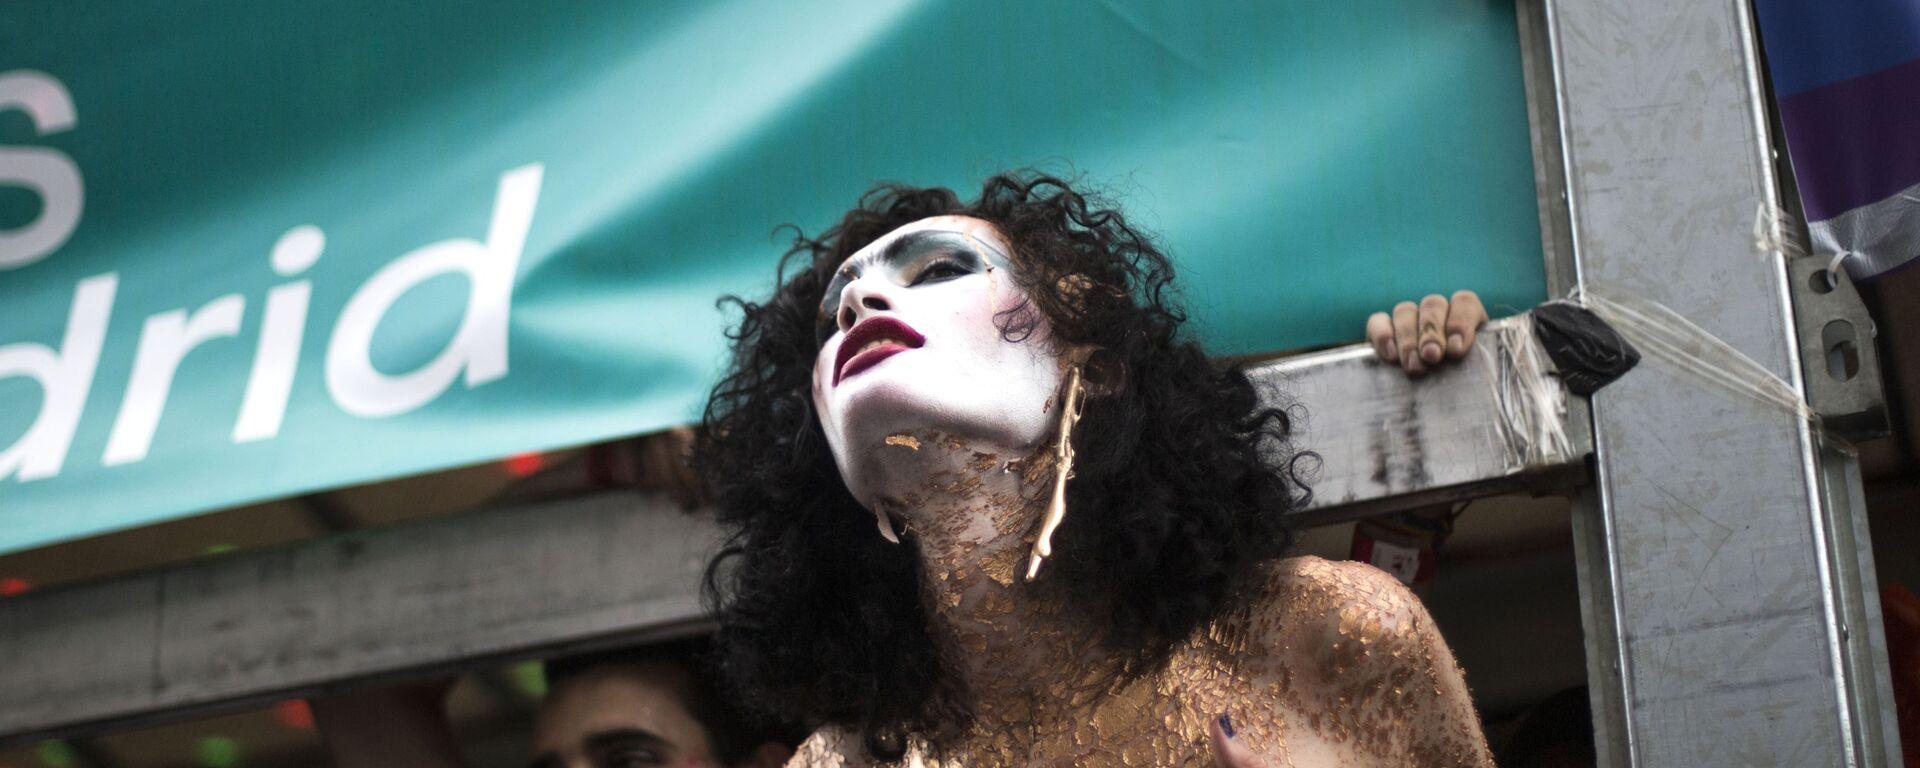 Parada LGBT w Madrycie - Sputnik Polska, 1920, 16.08.2021